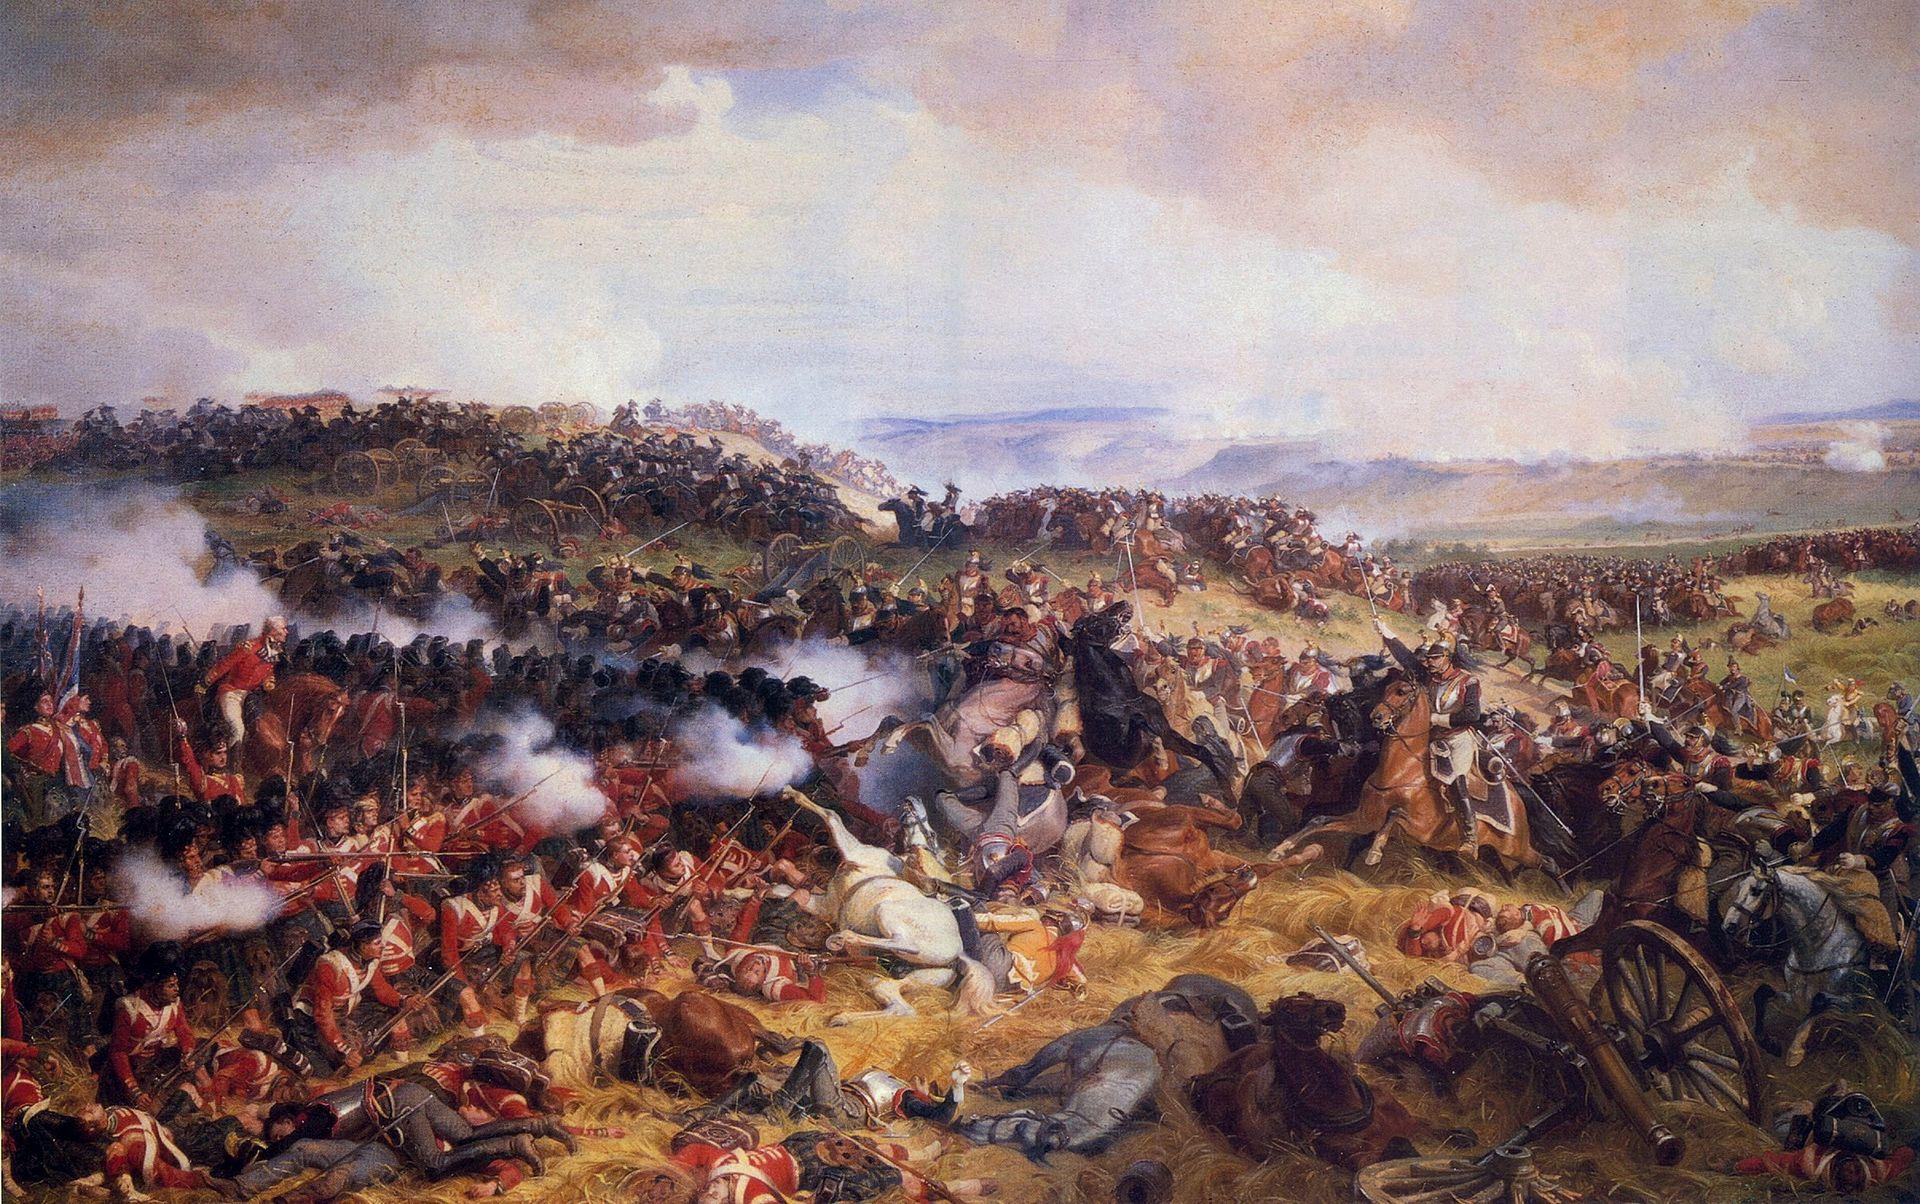 حروب نابليون, الجيل الأول, حروب, معارك